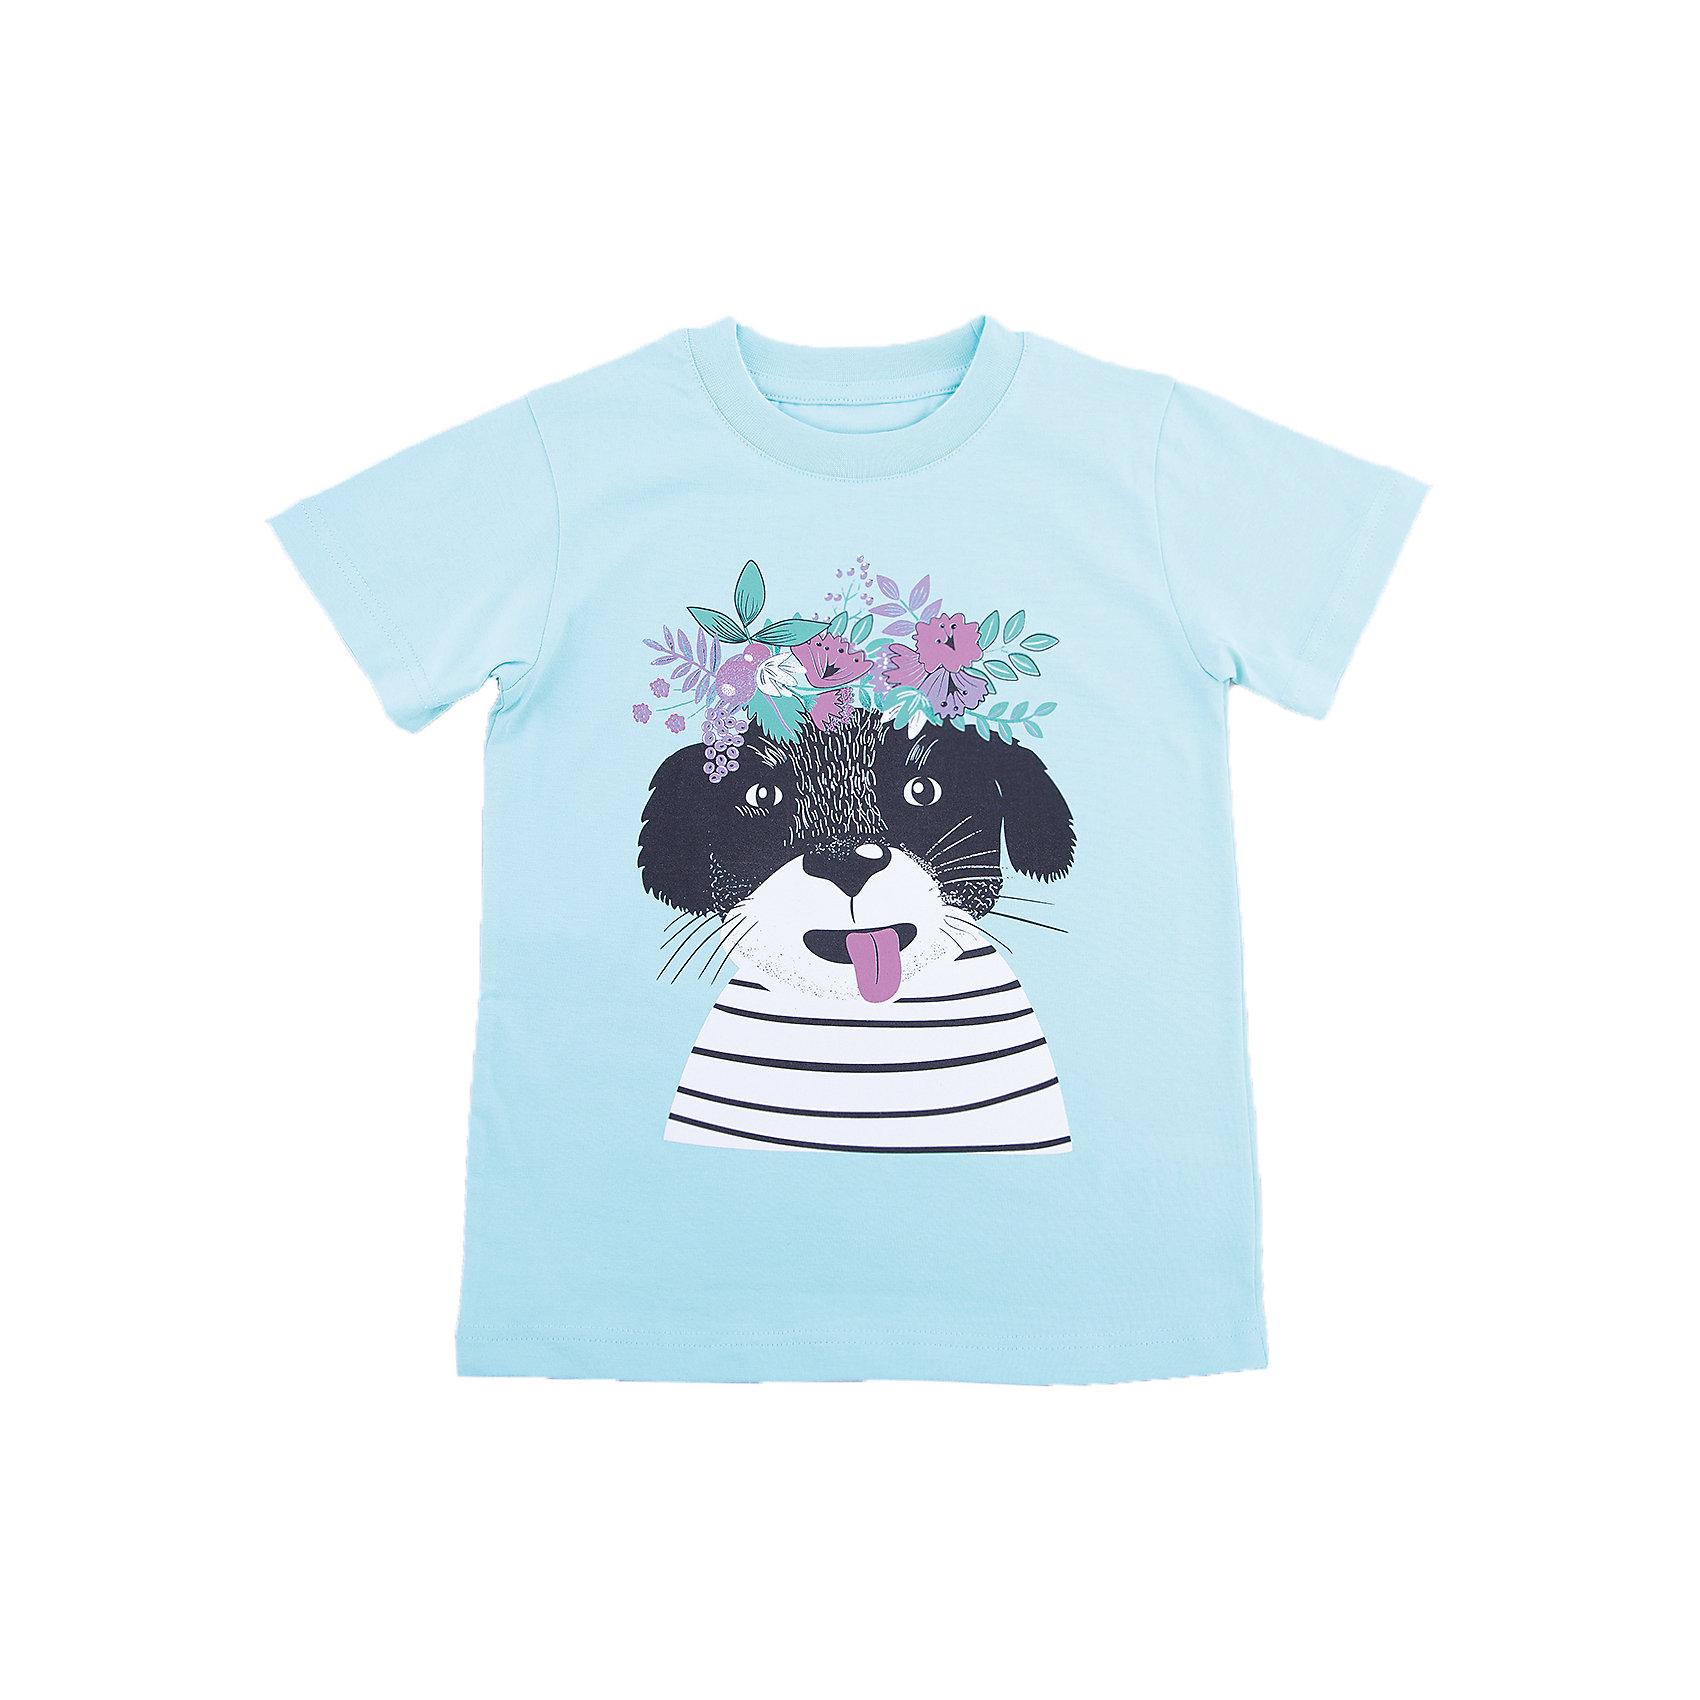 Футболка для девочки WOWФутболки, поло и топы<br>Футболка для девочки WOW<br>Незаменимой вещью в  гардеробе послужит футболка с коротким рукавом. Стильная и в тоже время комфортная модель, с яркой оригинальной печатью, будет превосходно смотреться на ребенке.<br>Состав:<br>кулирная гладь 100% хлопок<br><br>Ширина мм: 199<br>Глубина мм: 10<br>Высота мм: 161<br>Вес г: 151<br>Цвет: голубой<br>Возраст от месяцев: 72<br>Возраст до месяцев: 84<br>Пол: Женский<br>Возраст: Детский<br>Размер: 122,98,116,104,110<br>SKU: 6871563